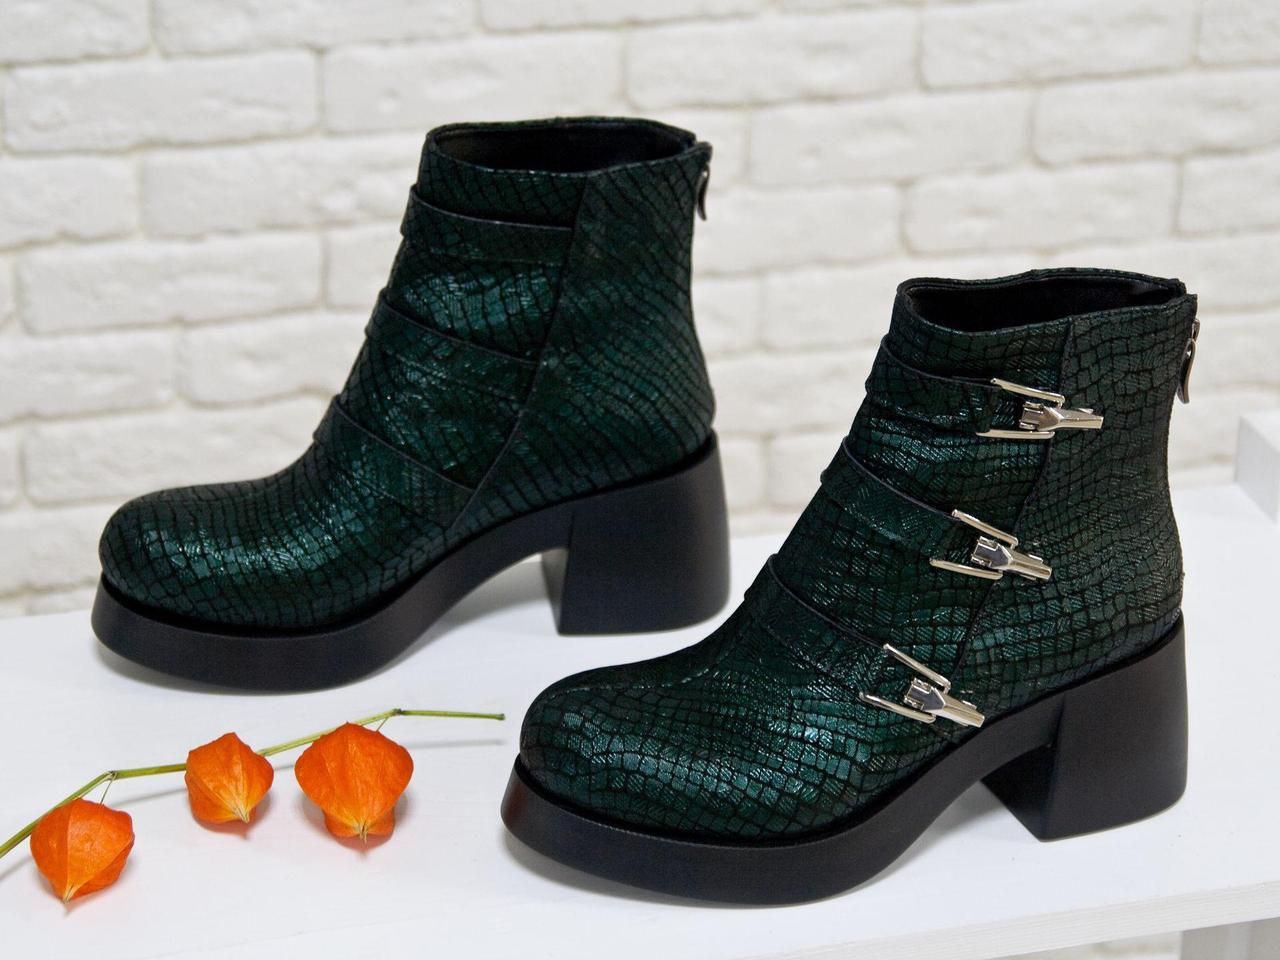 Ботинки из эксклюзивной натуральной кожи темно зеленого цвета с текстурой рептилии, с ремешками и серебряными застежками на черной устойчивой подошве,